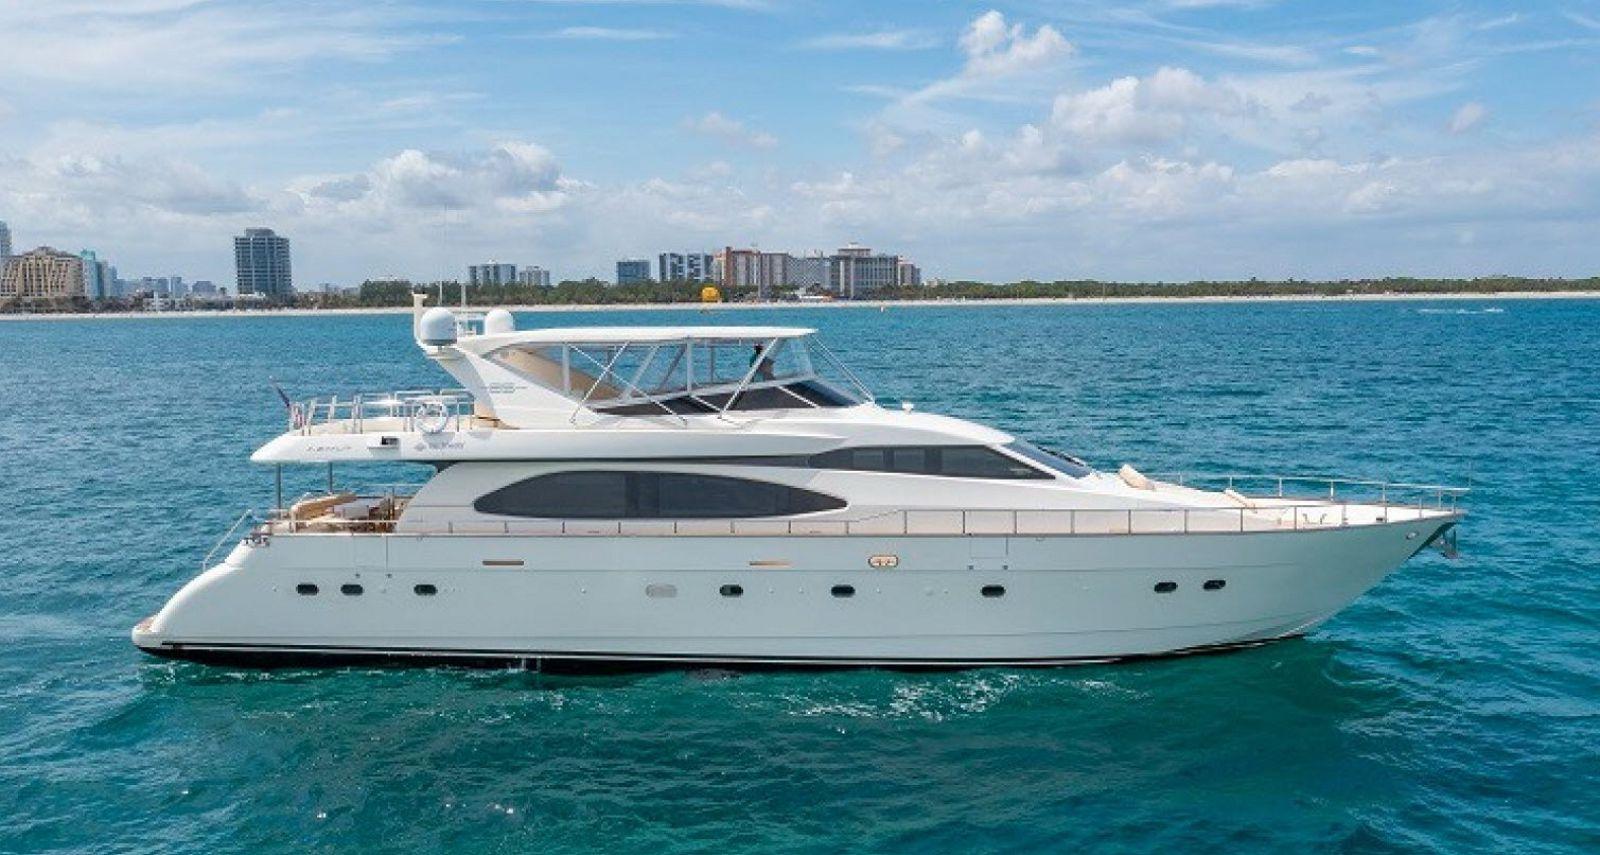 azimut 85 yacht for sale